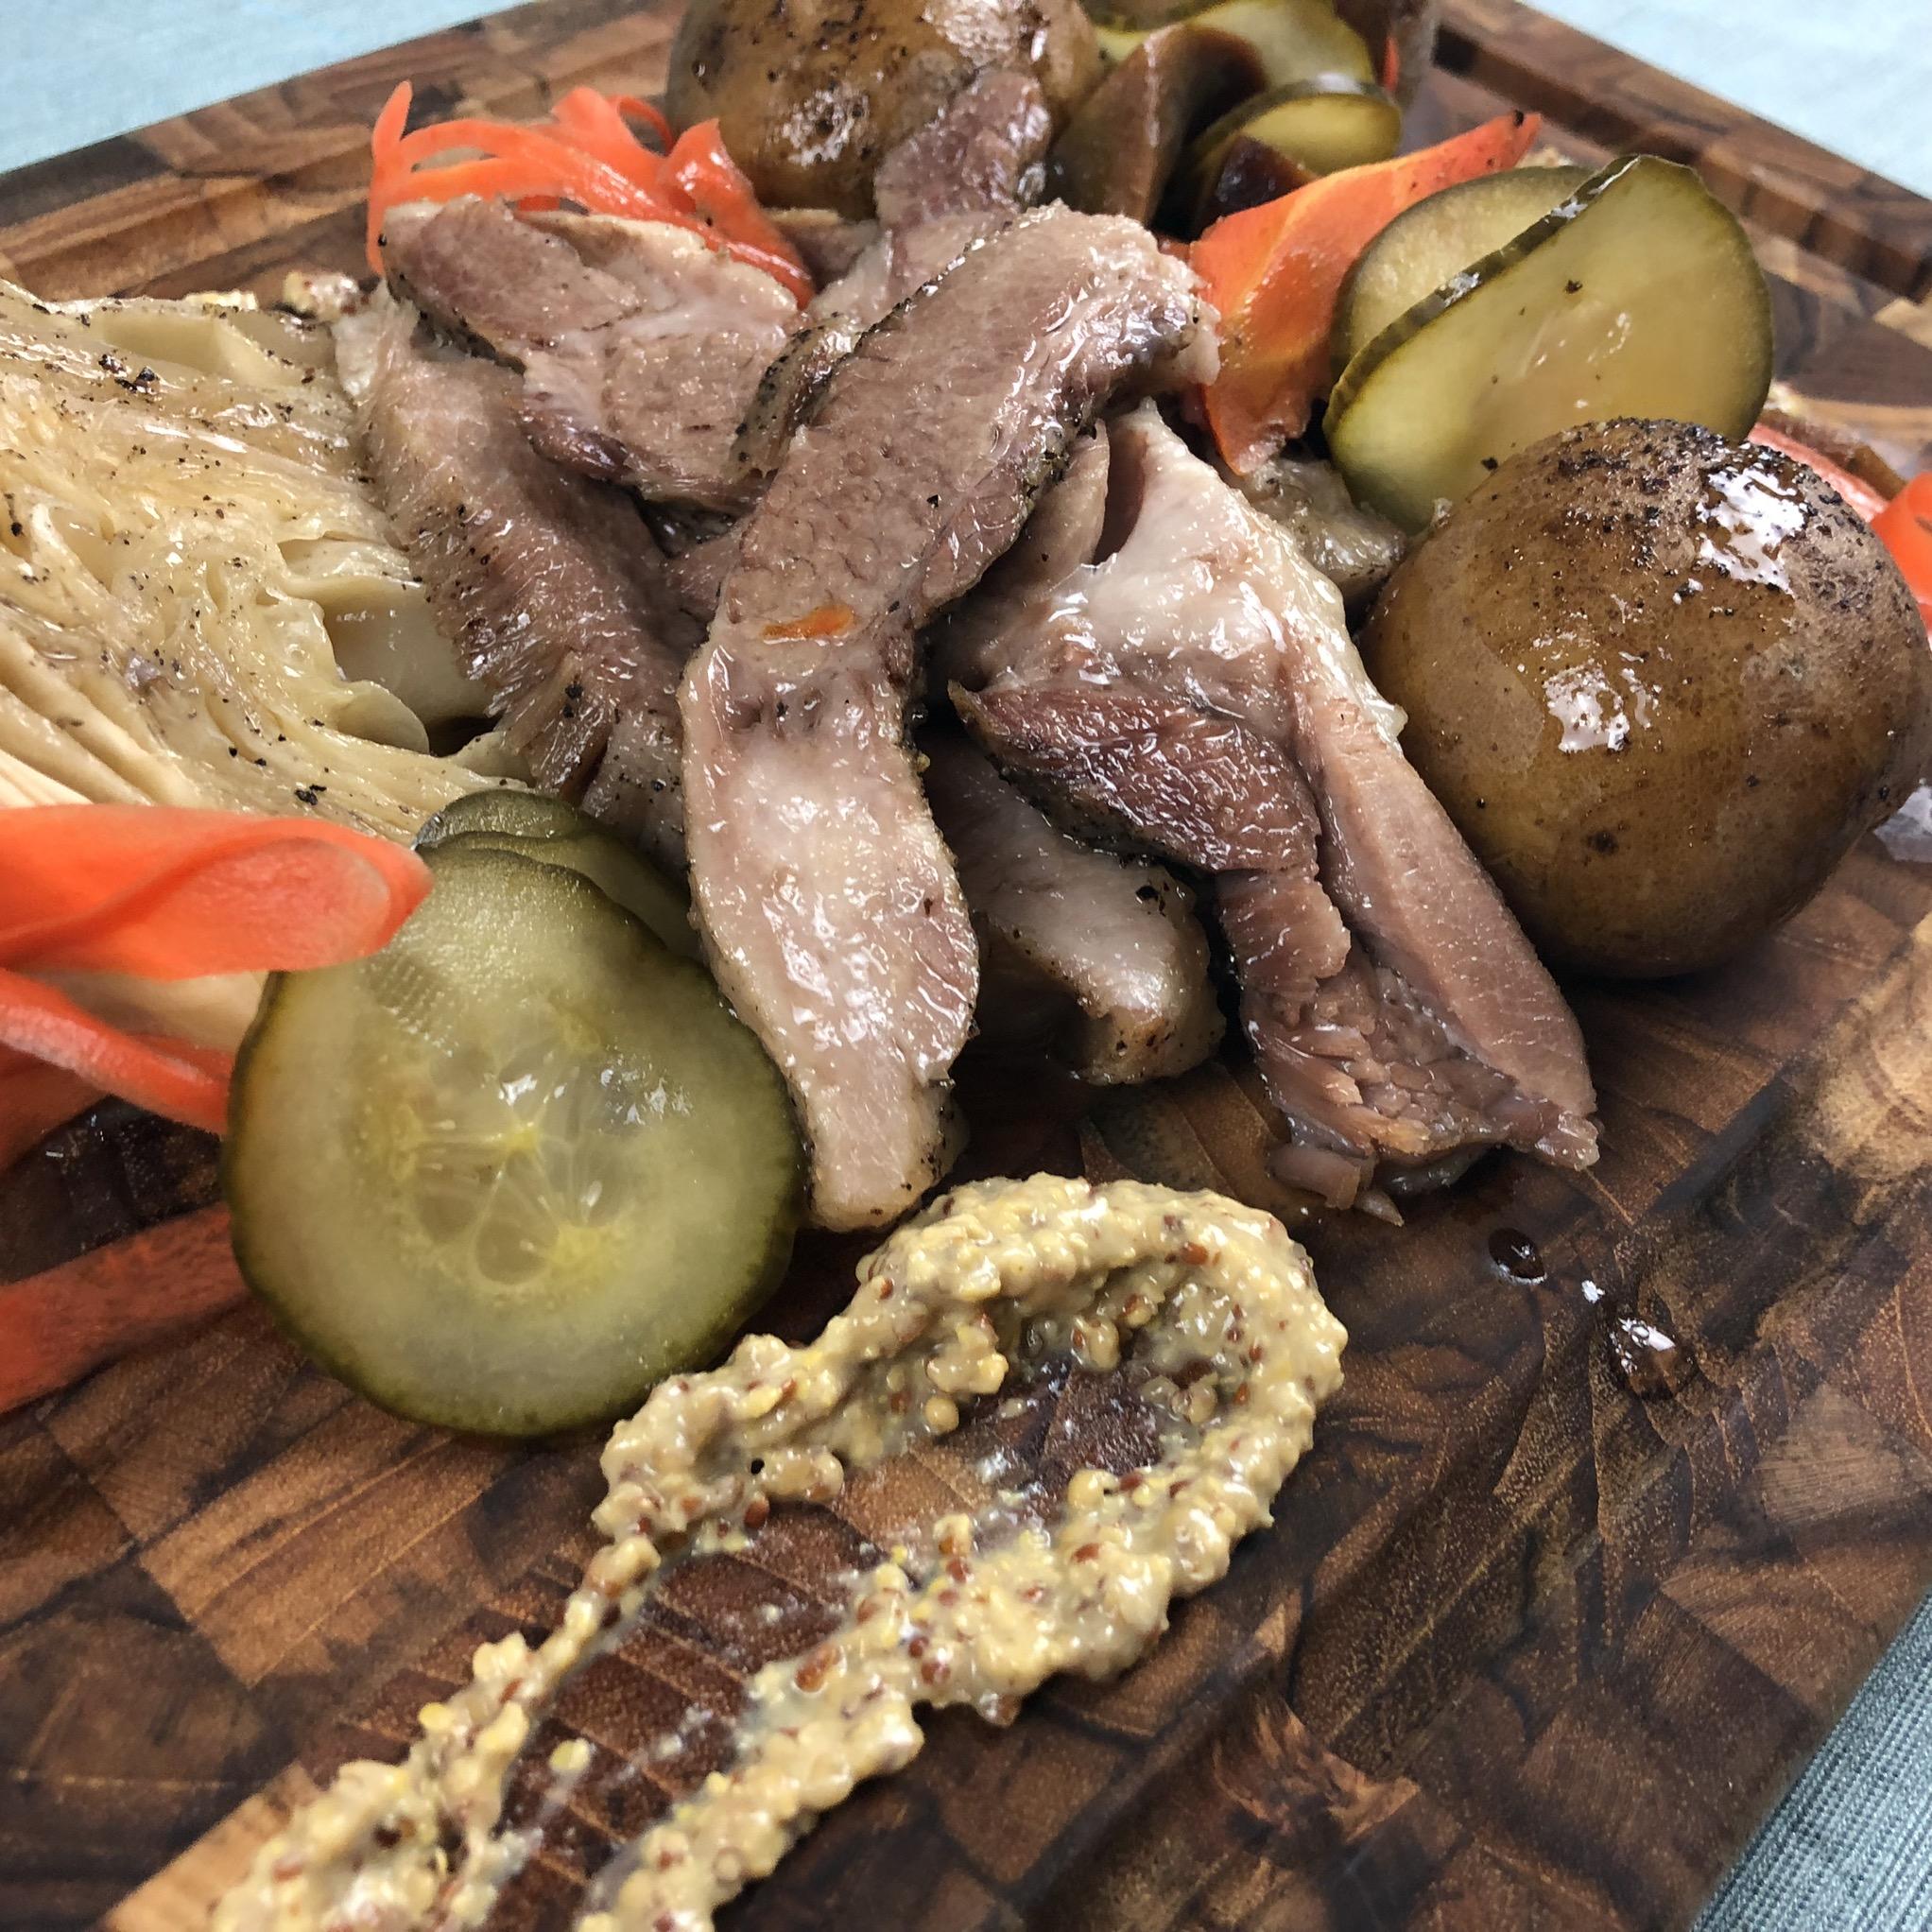 Corned Pork Shoulder Steak with vegetables, pickles, and mustard